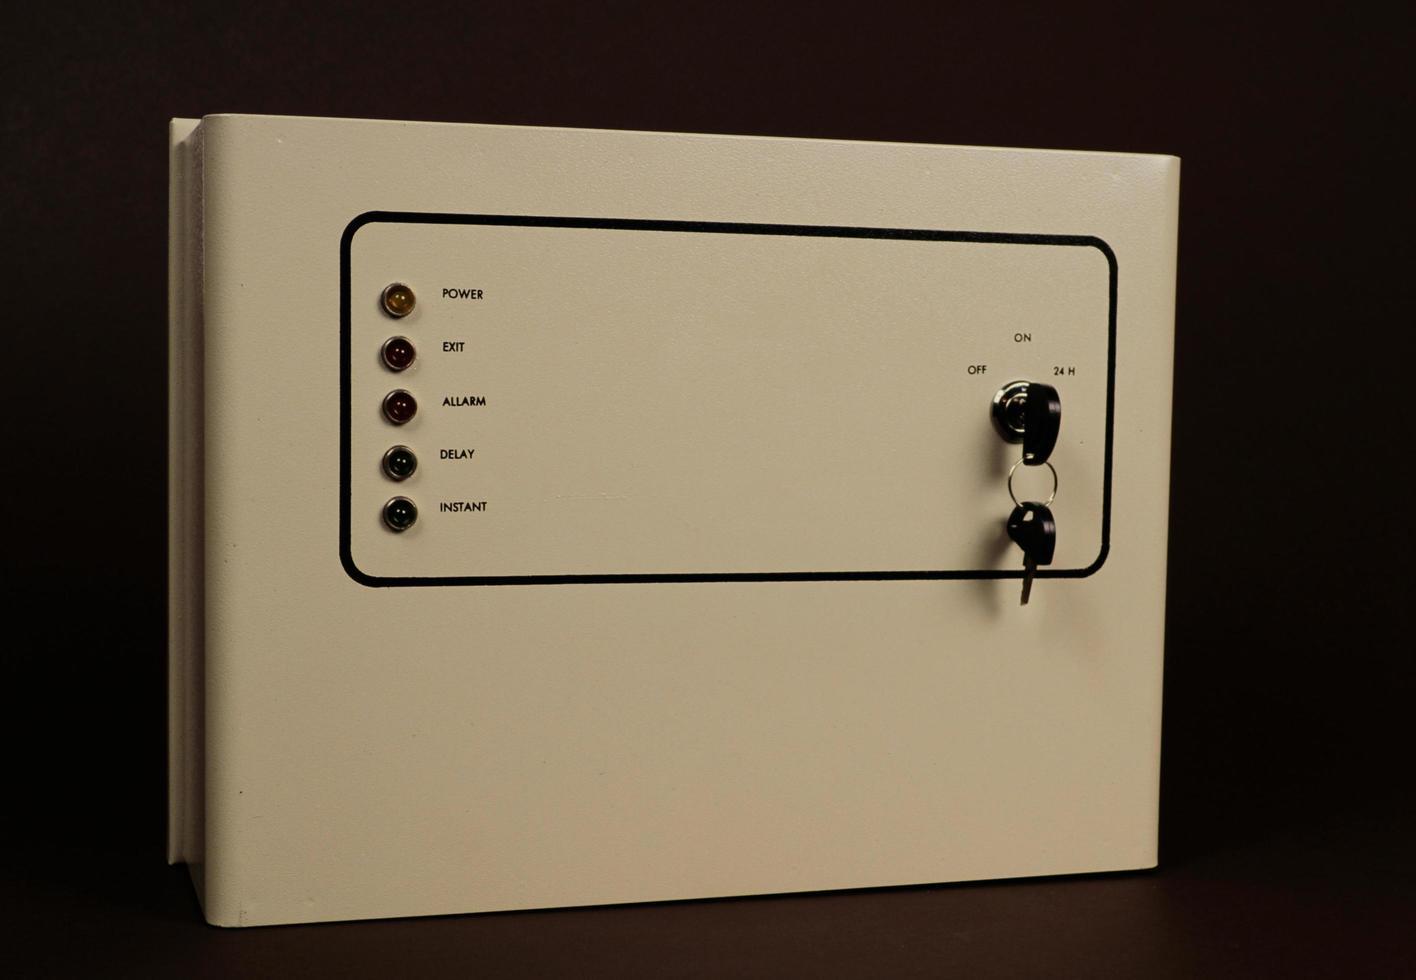 Elektronikbox für elektrische Anlagen und andere Zwecke foto